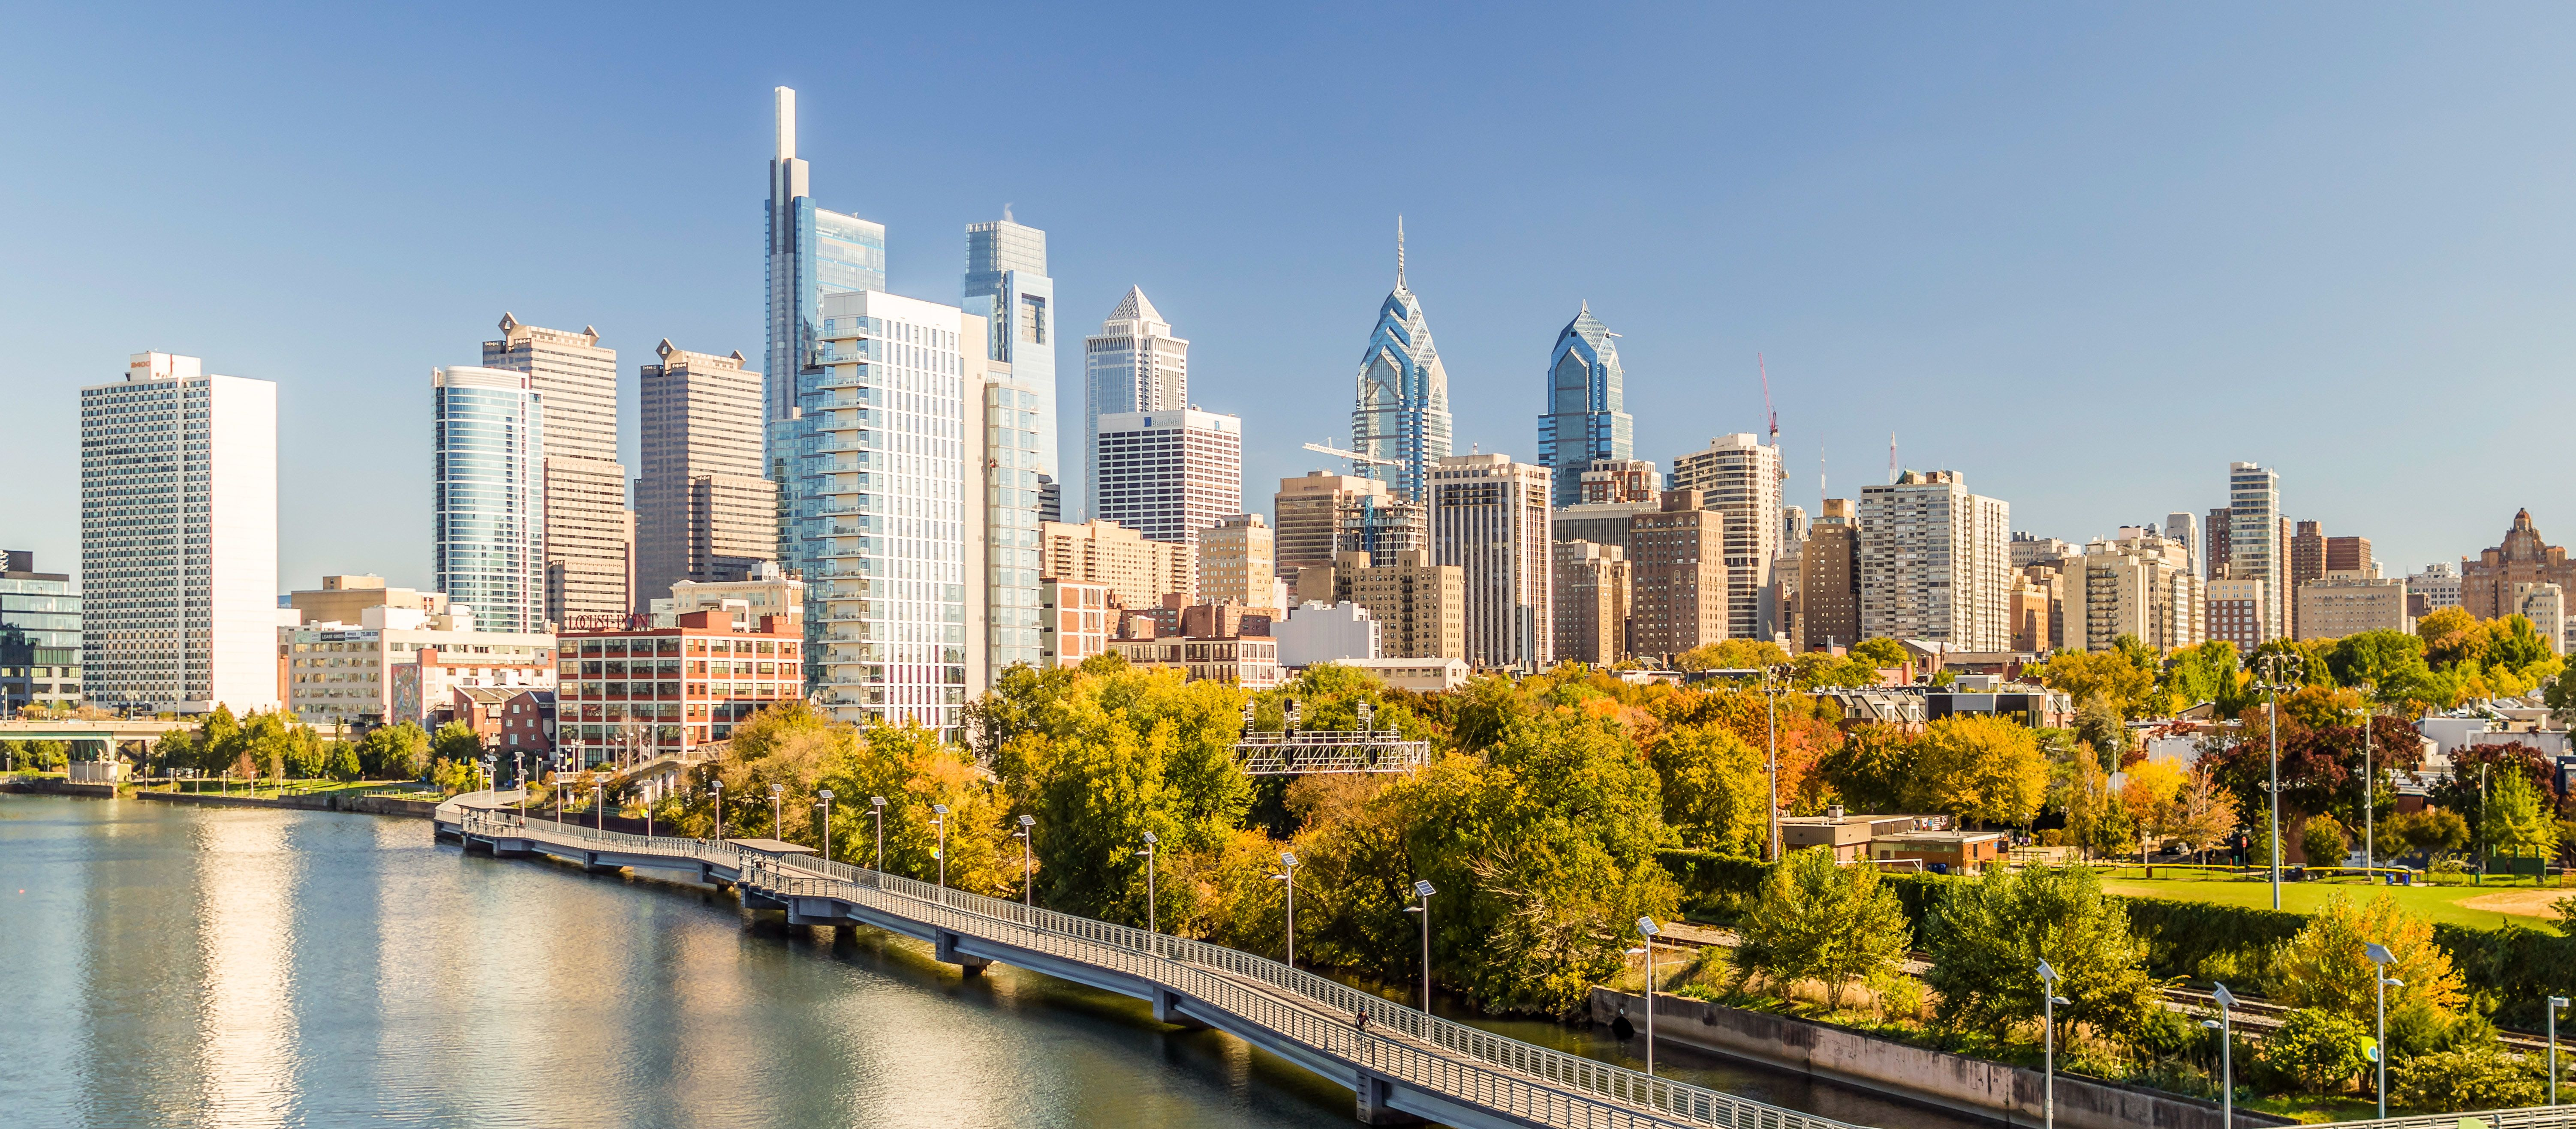 Die Skyline von Philadelphia in Pennsylvania